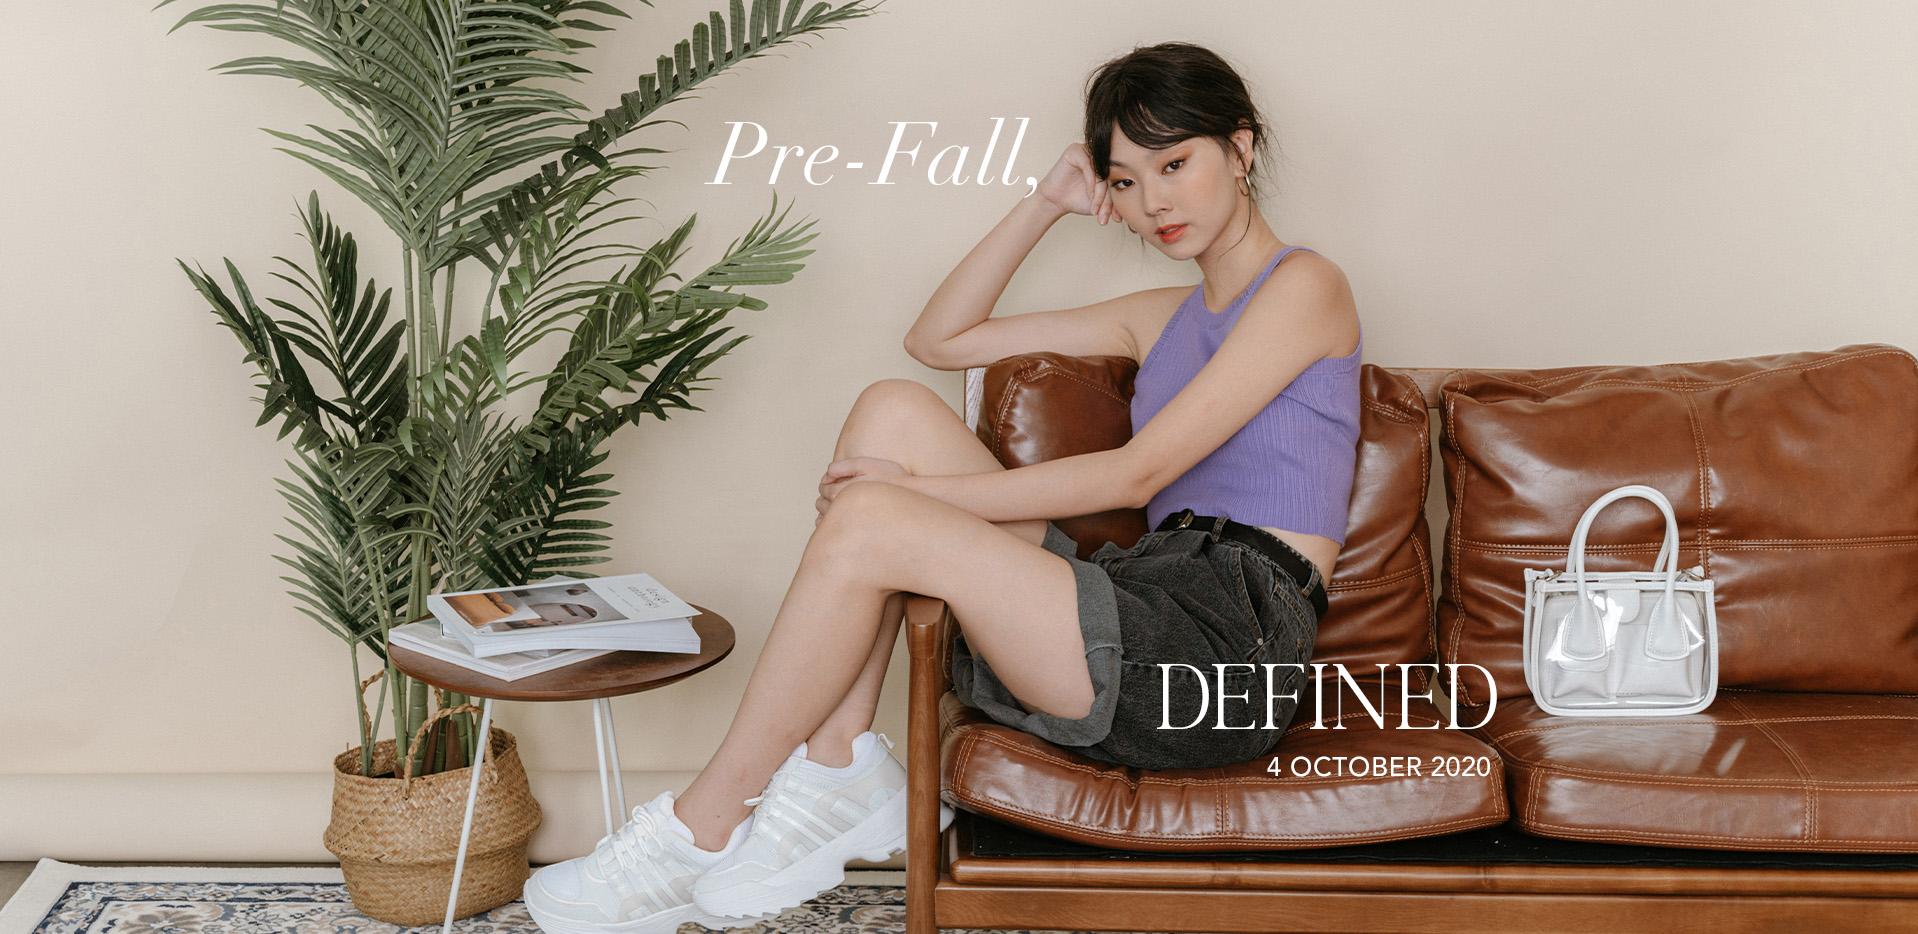 PRE-FALL, DEFINED